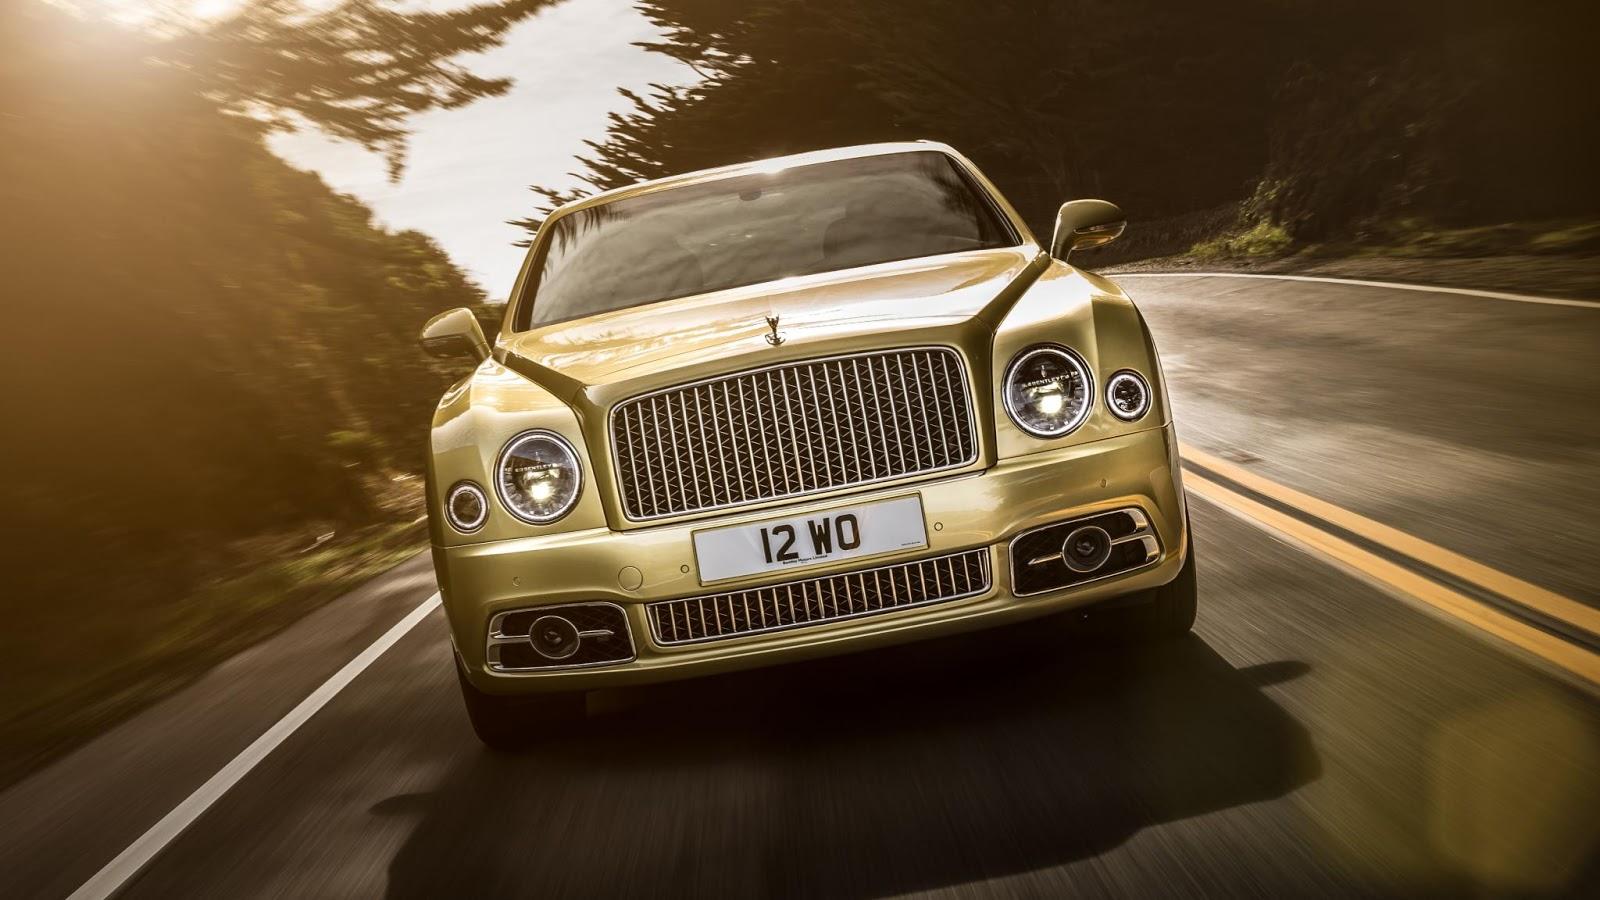 Bản này có nhiều nét khá giống Rolls Royce